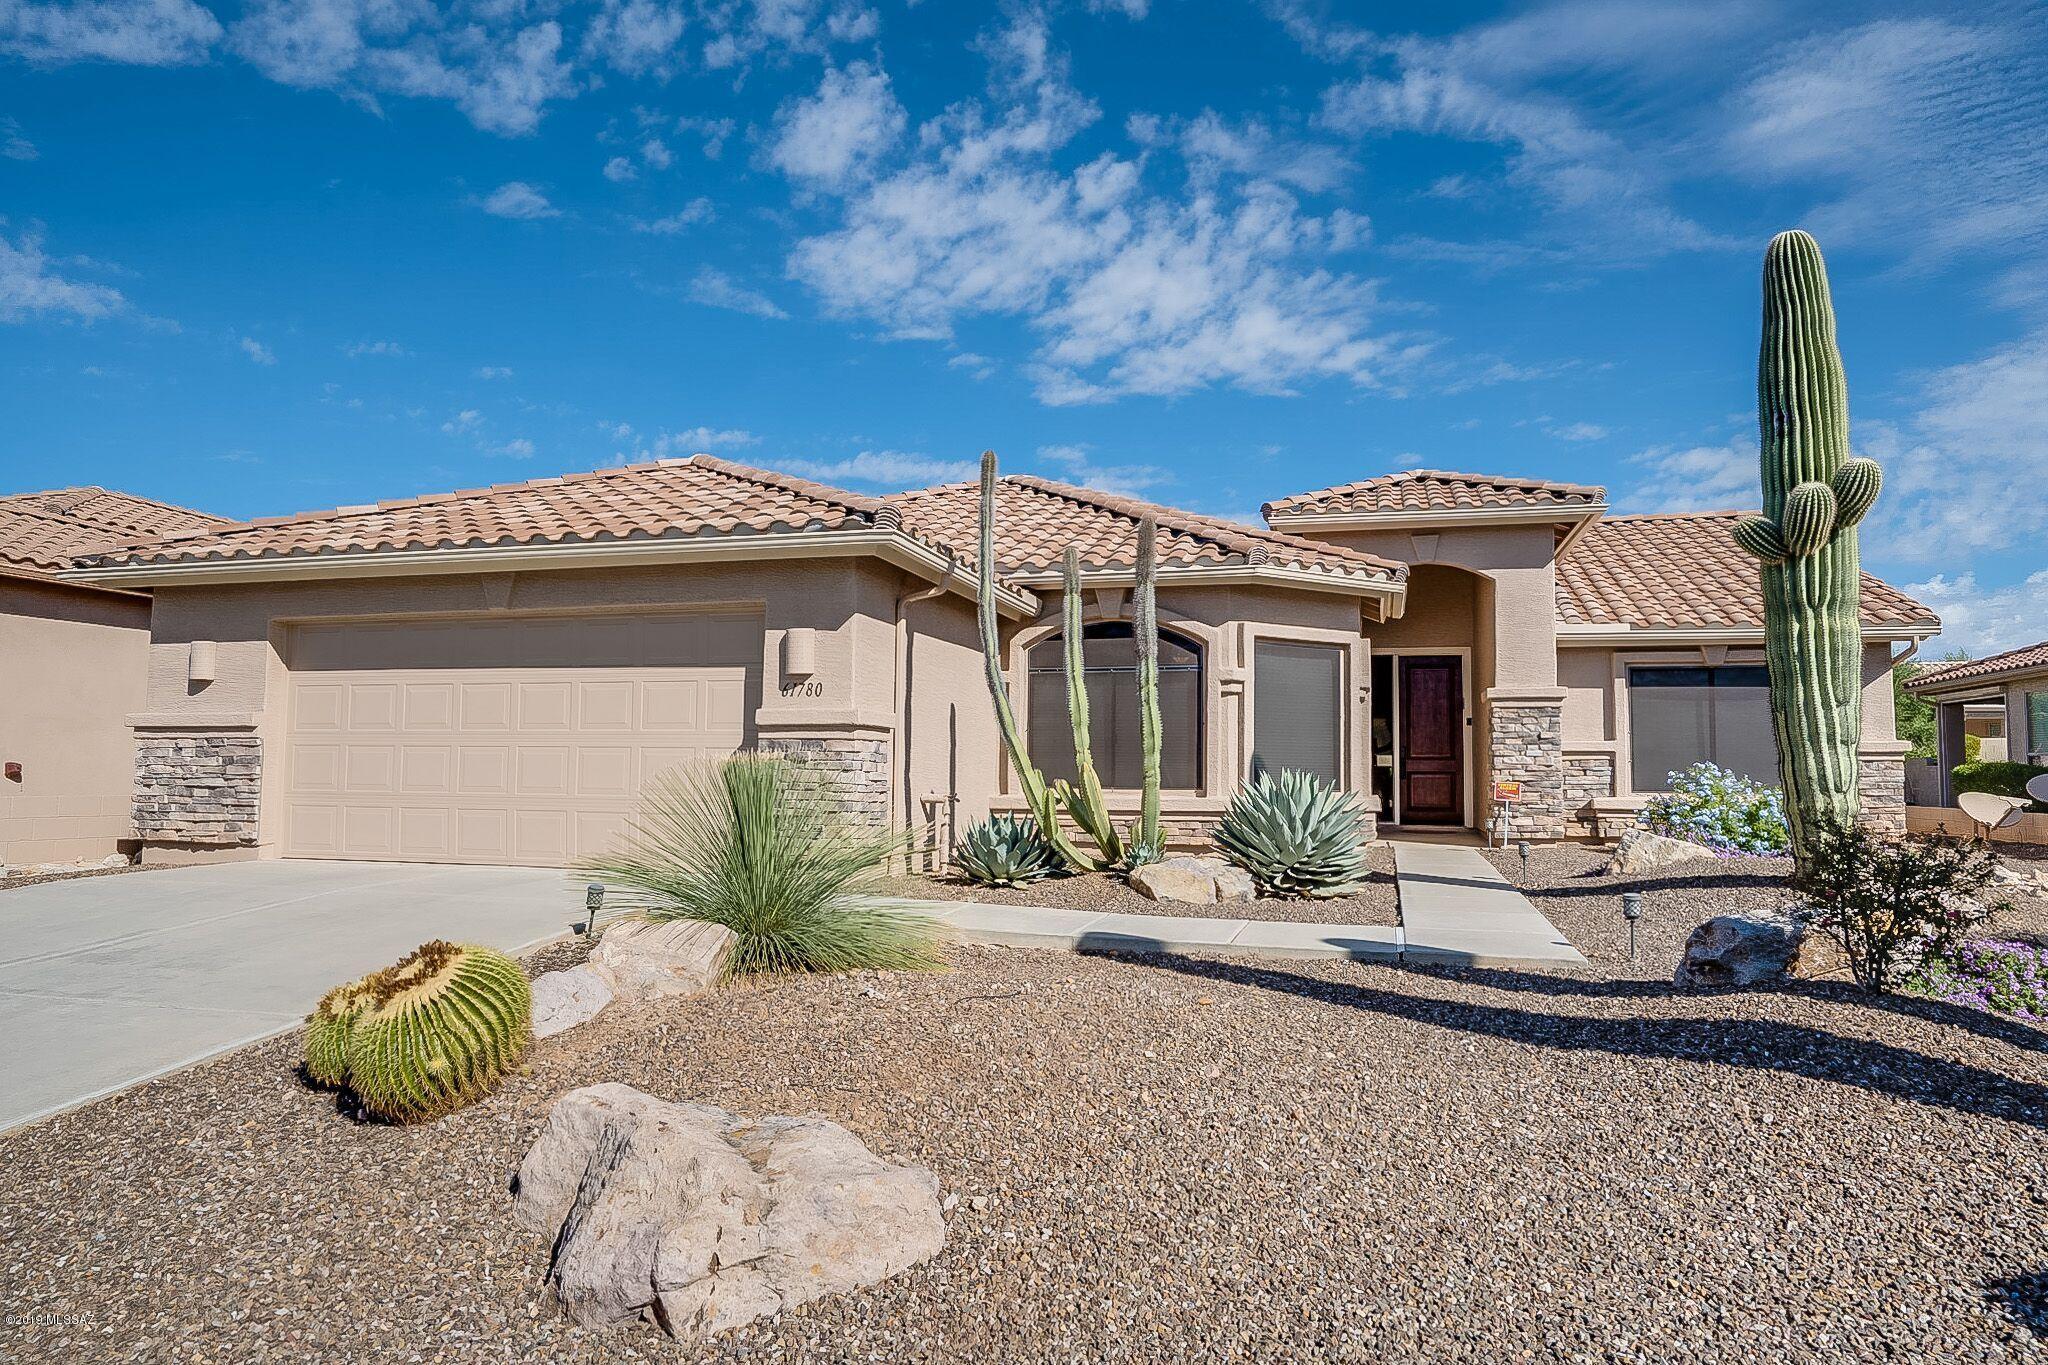 Photo of 61780 E Ironwood Lane, Tucson, AZ 85739